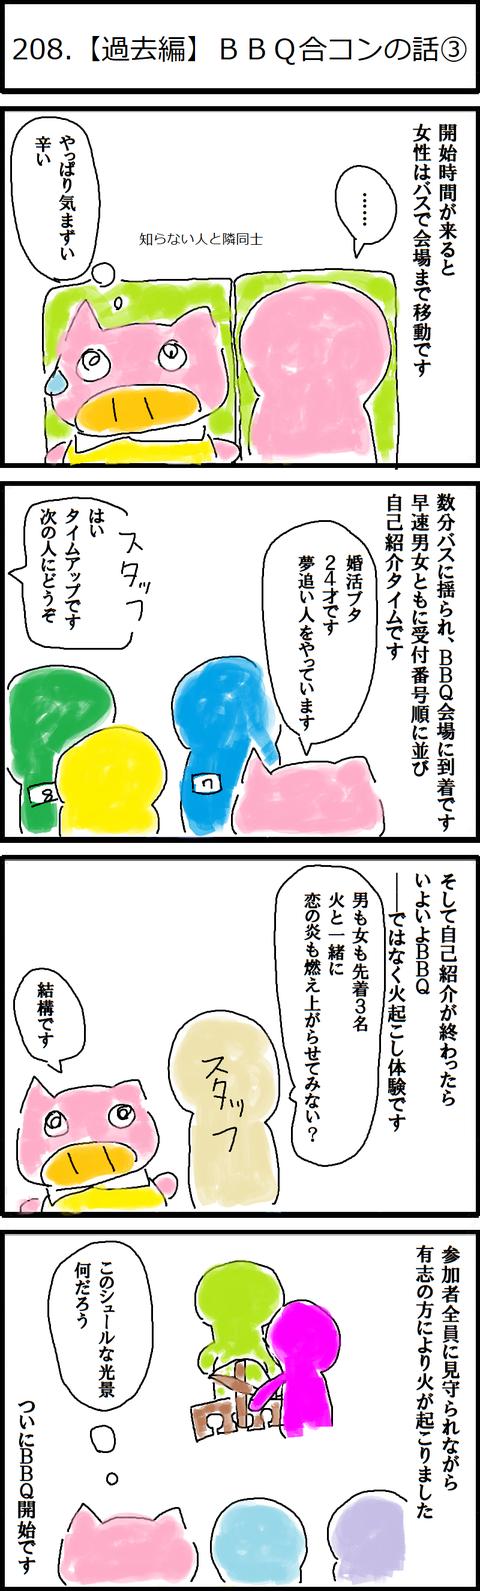 208.【過去編】BBQ合コンの話③